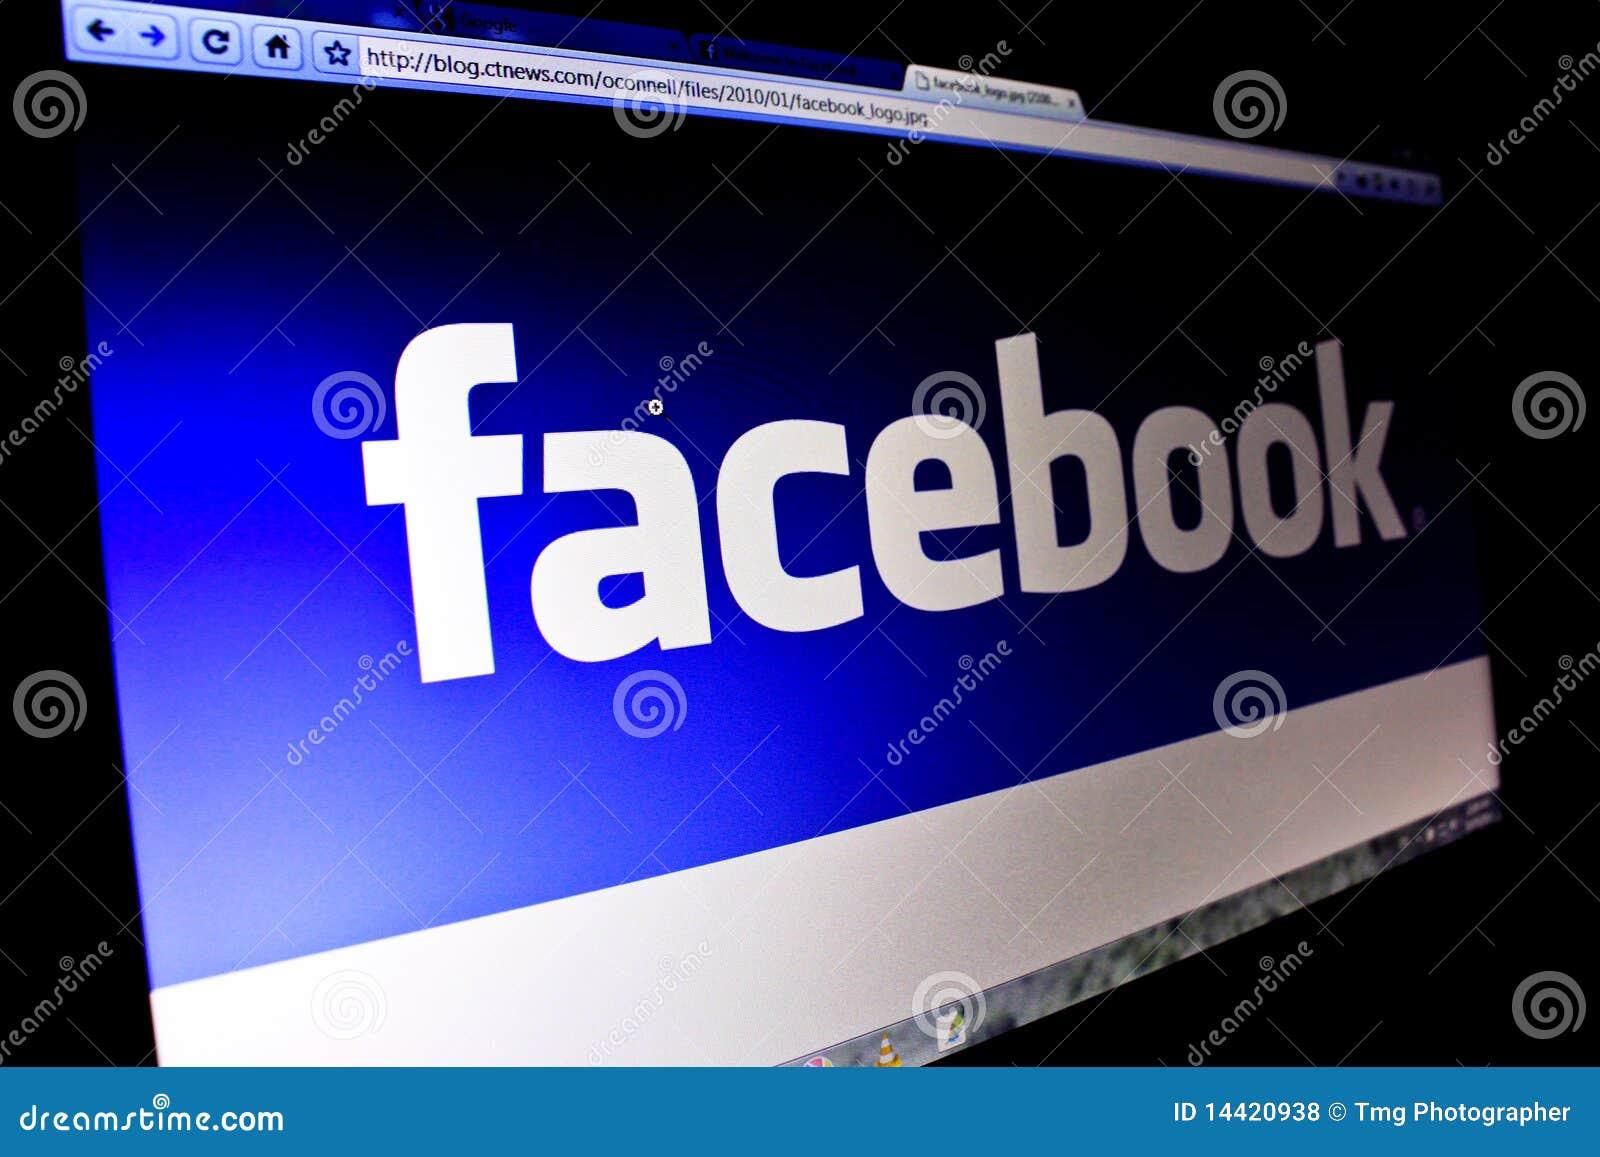 Facebook Logo on PC Screen